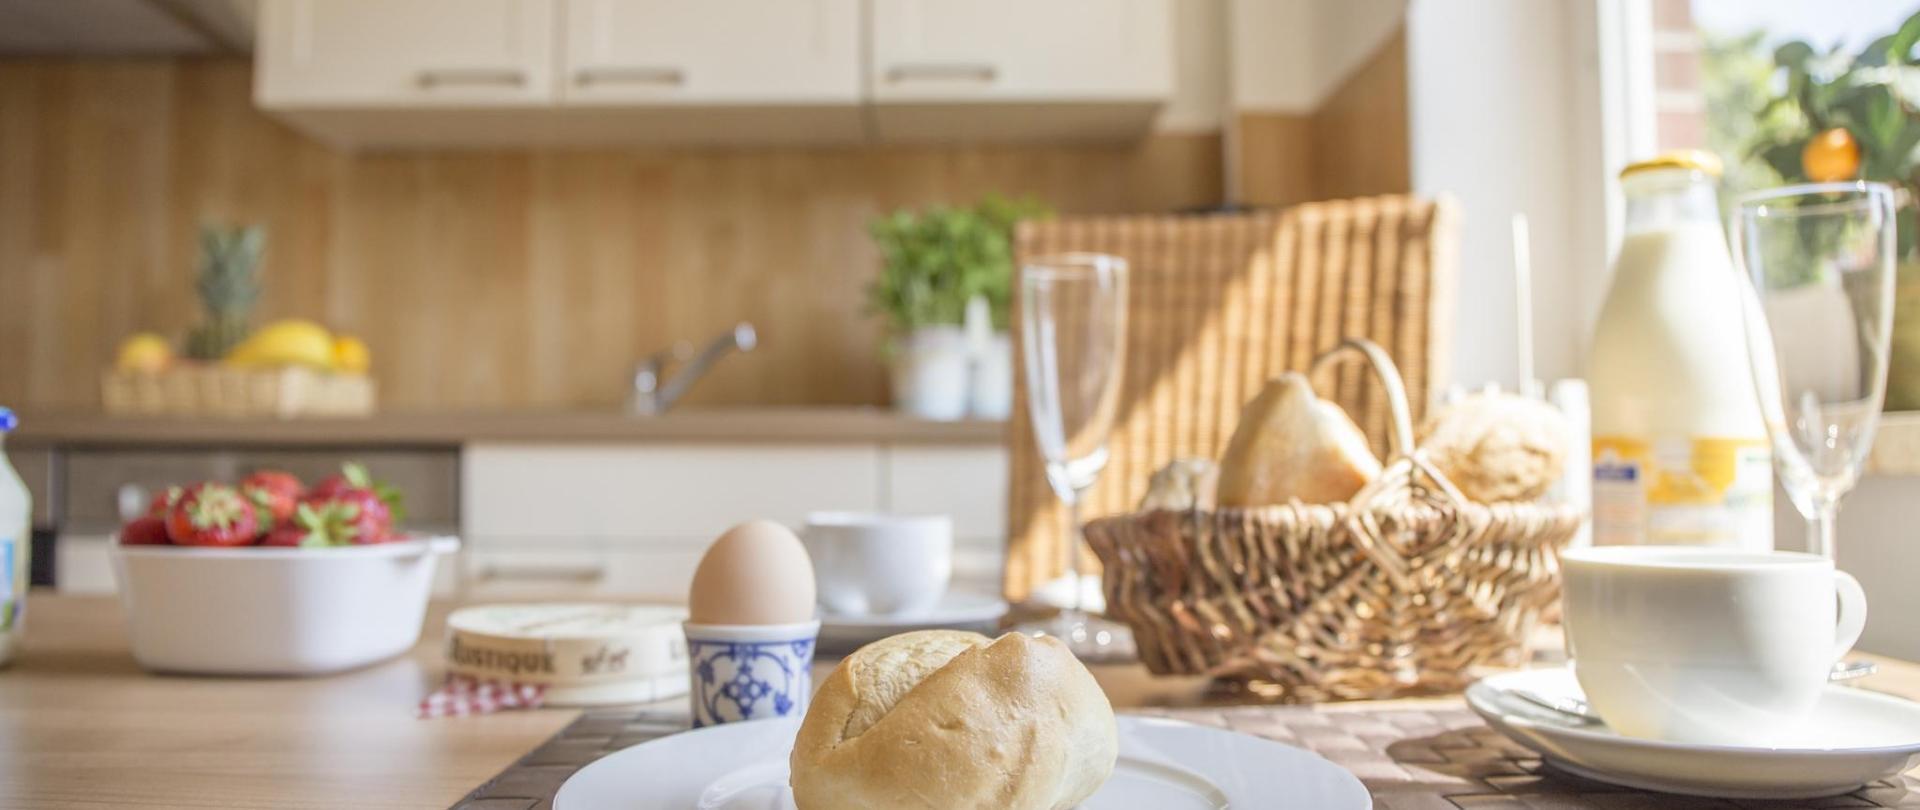 EG Küche Esstisch Frühstück.jpg